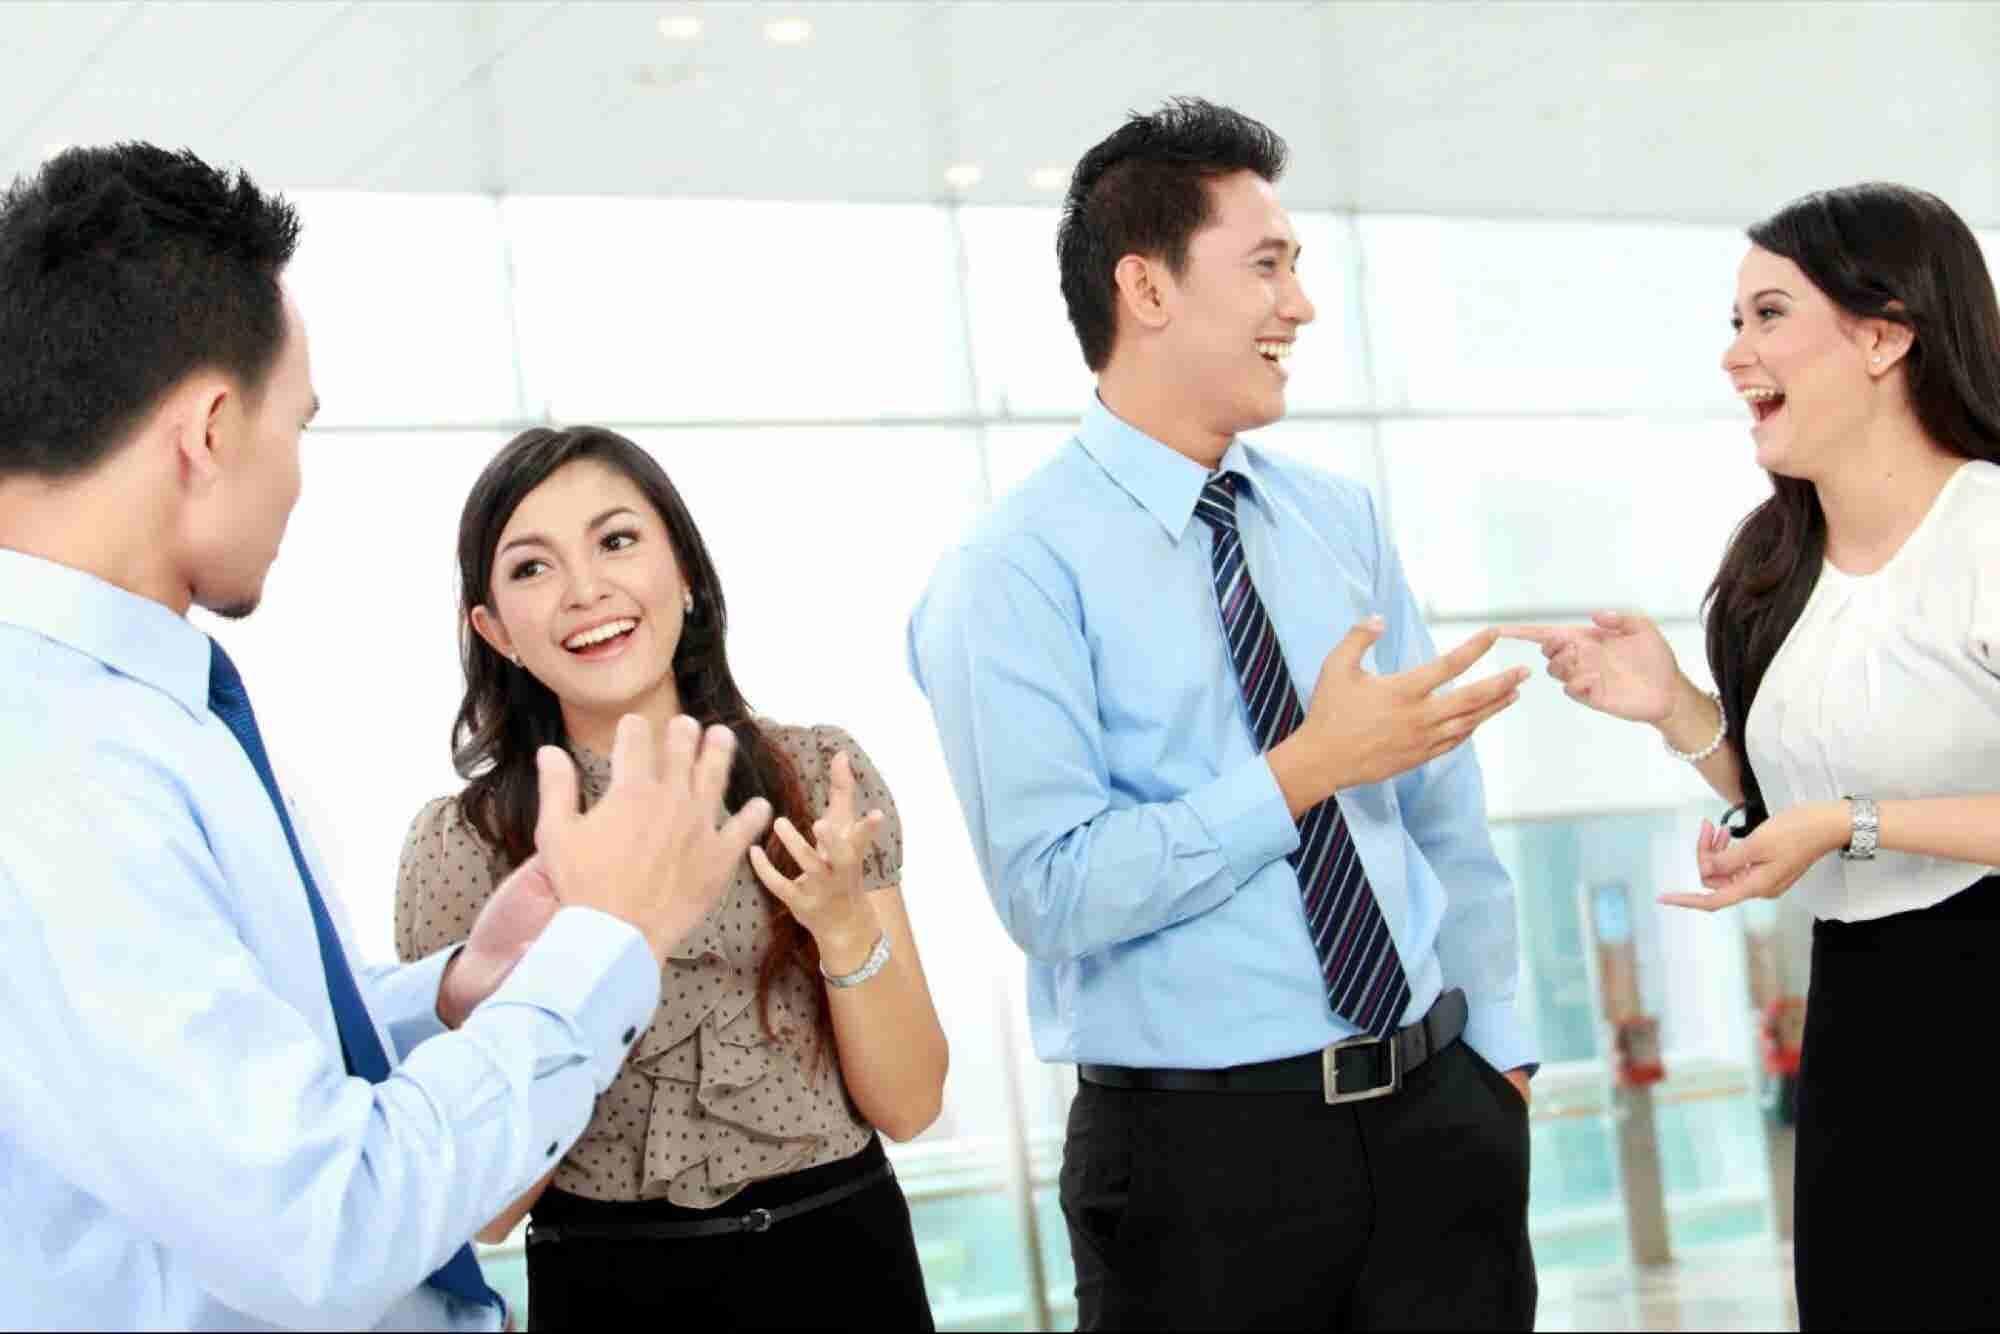 Cómo iniciar conversación para hacer contactos